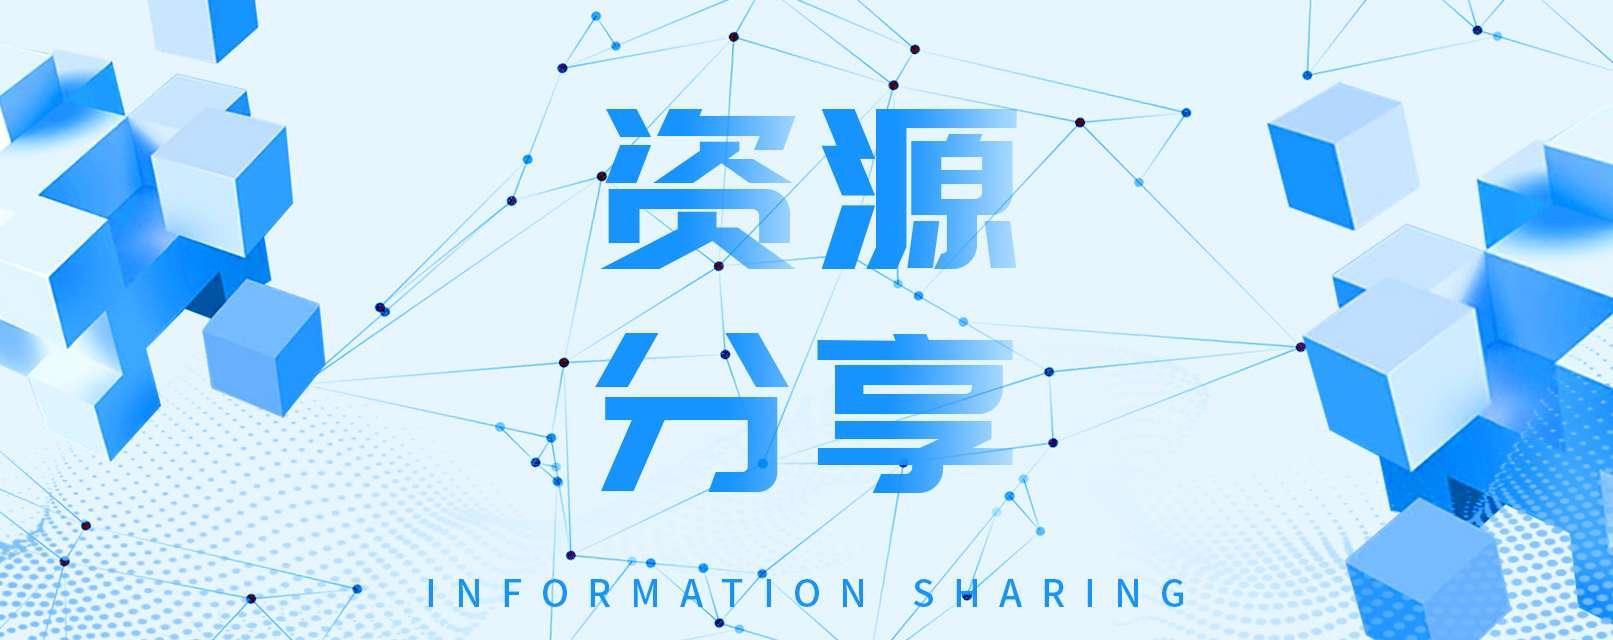 【资源分享】logo设计(logo设计不求人)